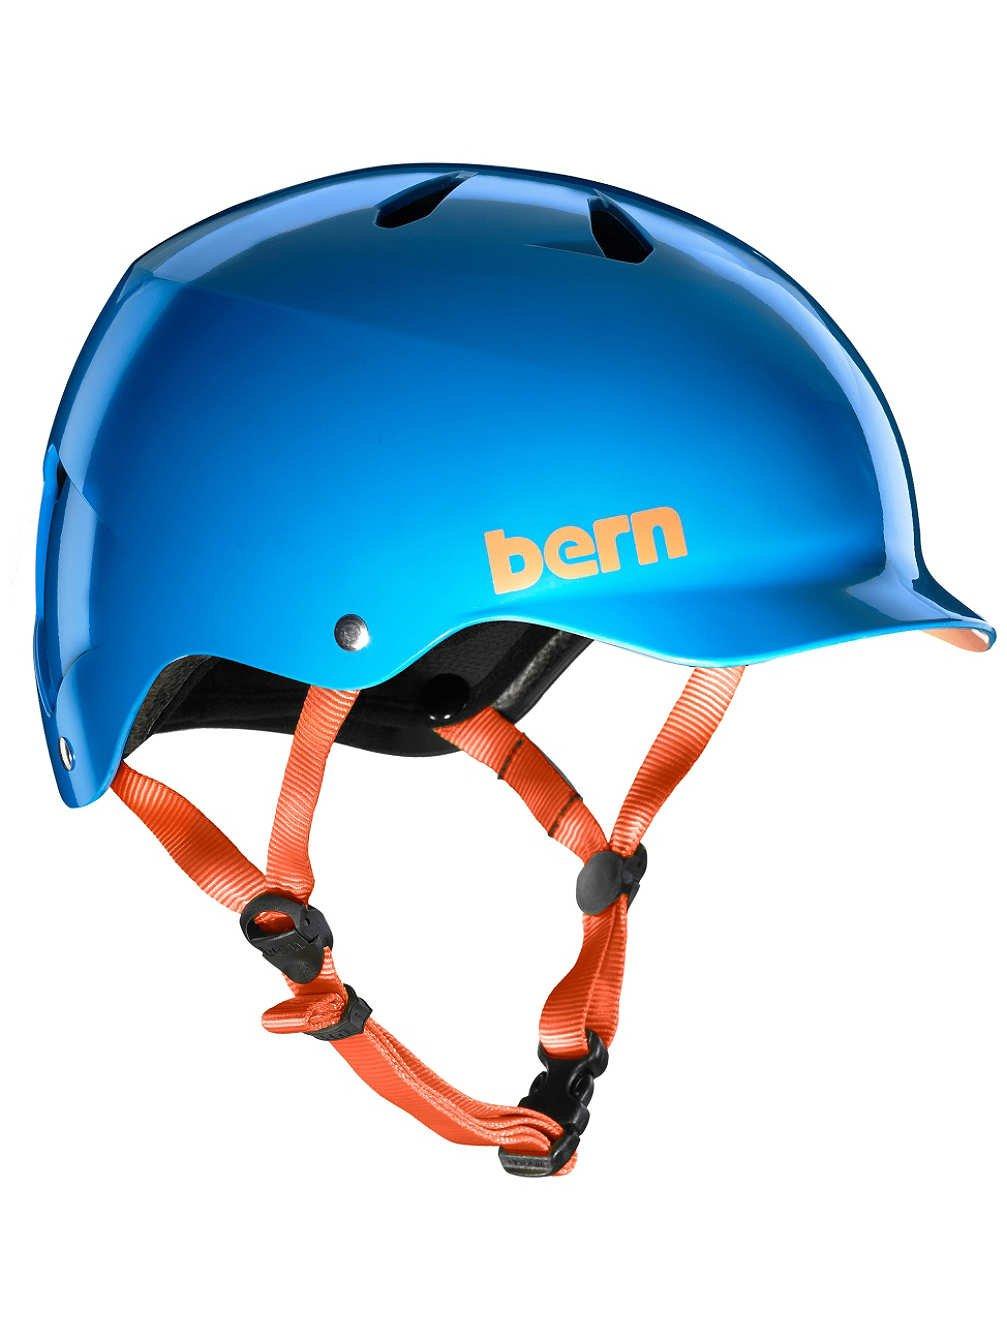 ベルン2017チームワットEPS夏自転車/スケートヘルメット(グロスアズレブルー - L)   B06XD49TK3